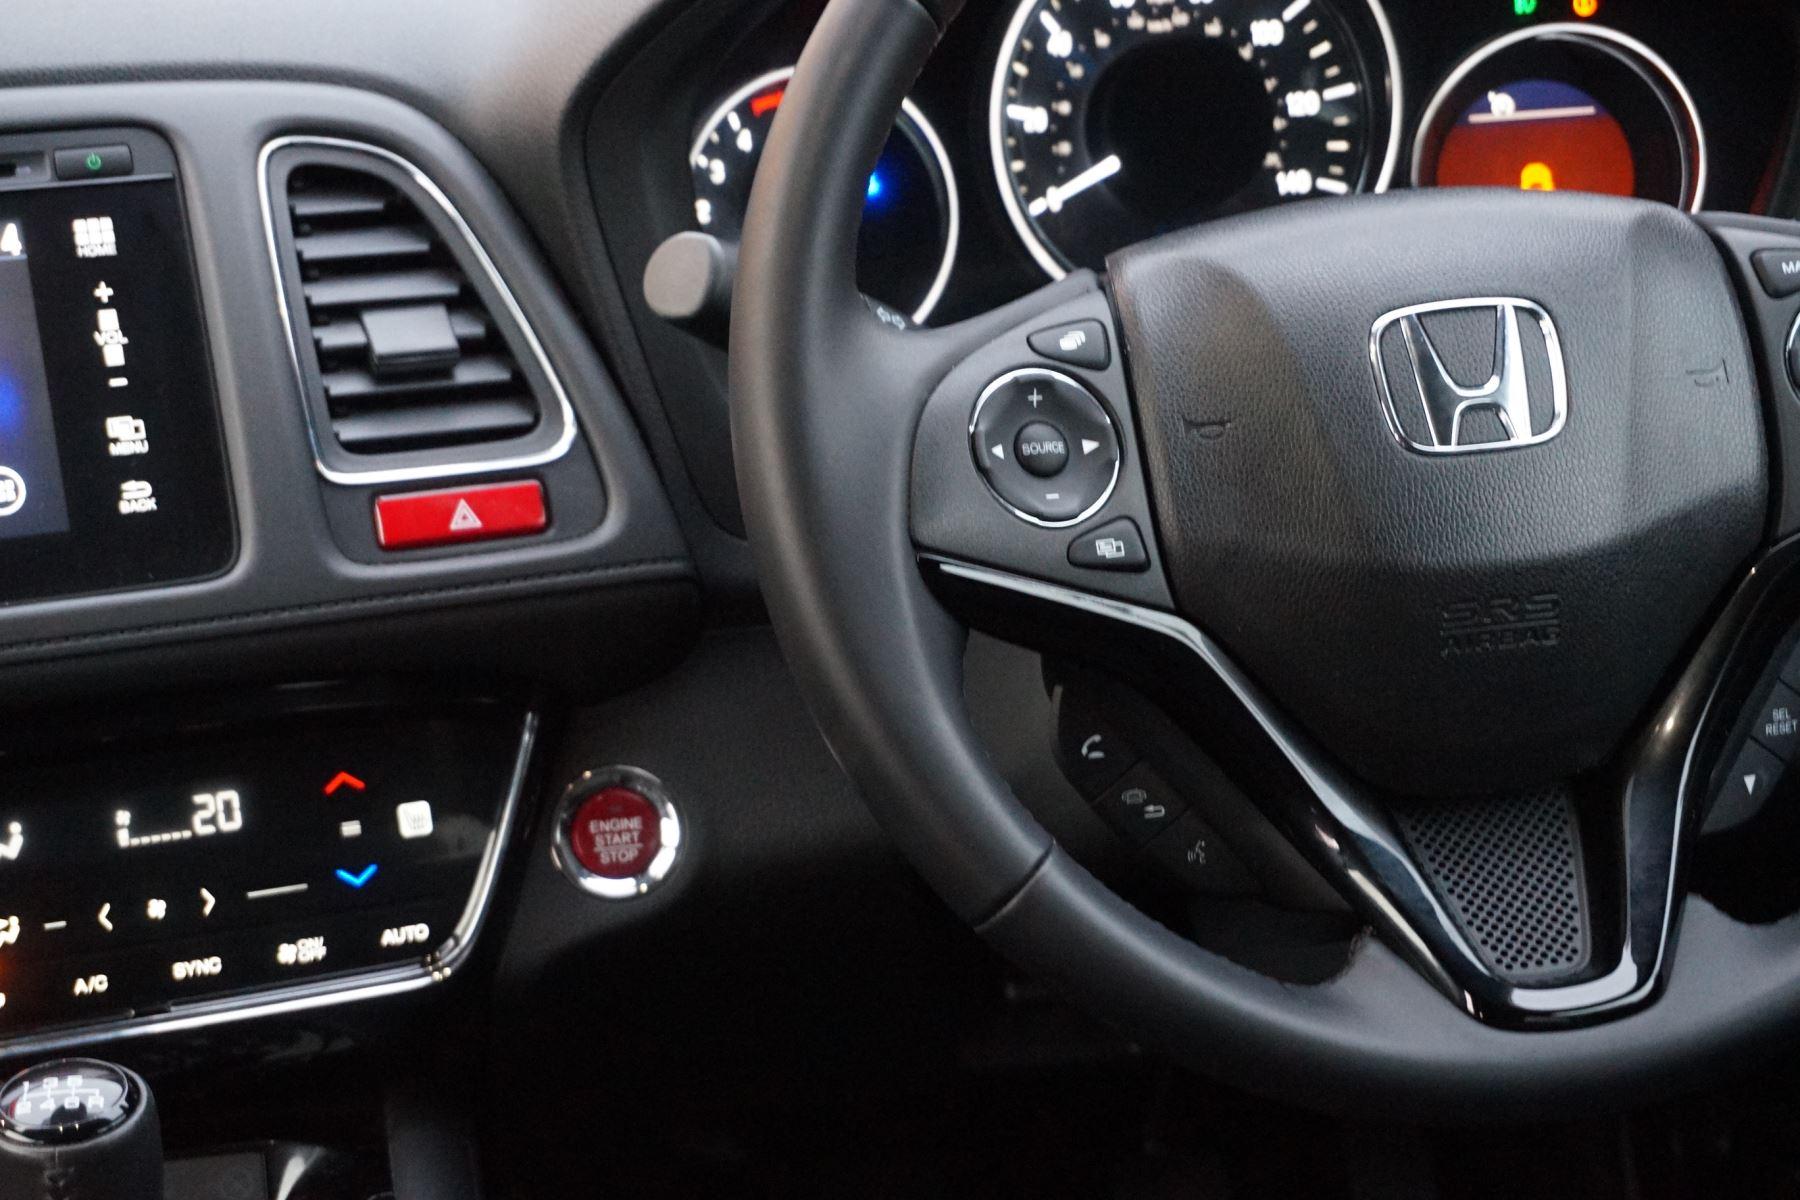 Honda HR-V 1.6 i-DTEC EX 5dr image 15